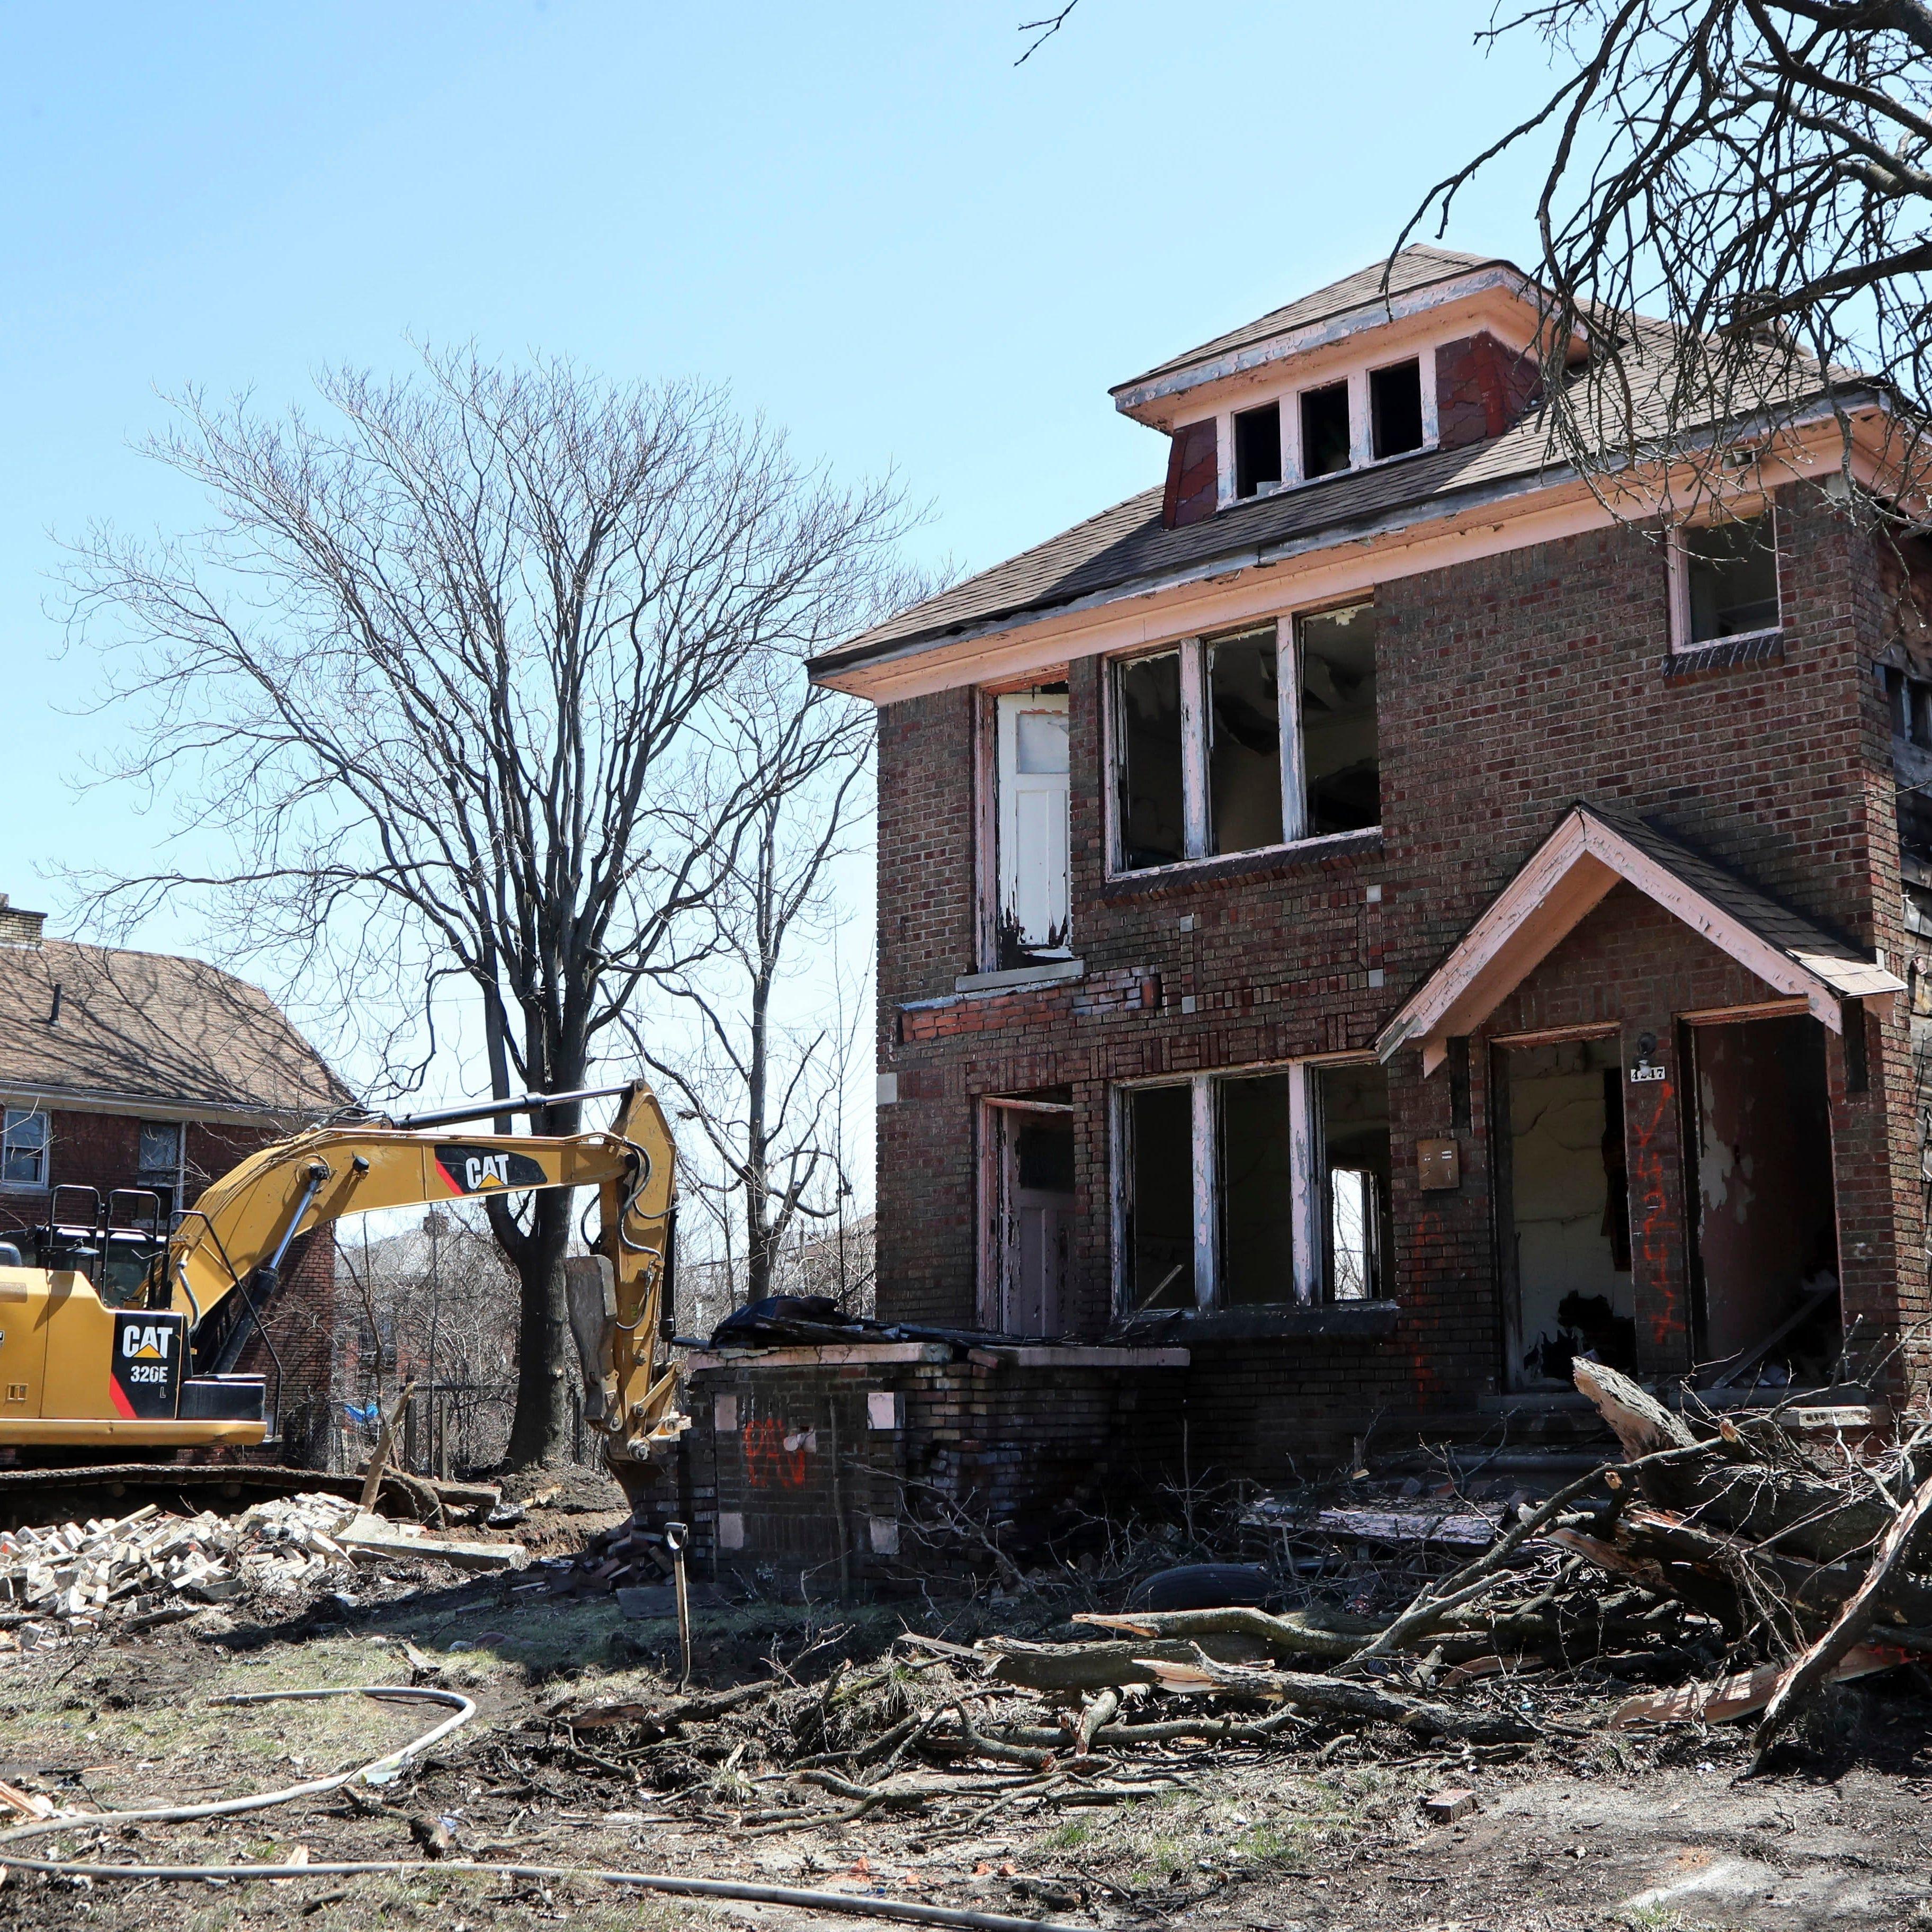 Detroit demolition worker accused of calling city workers N-word